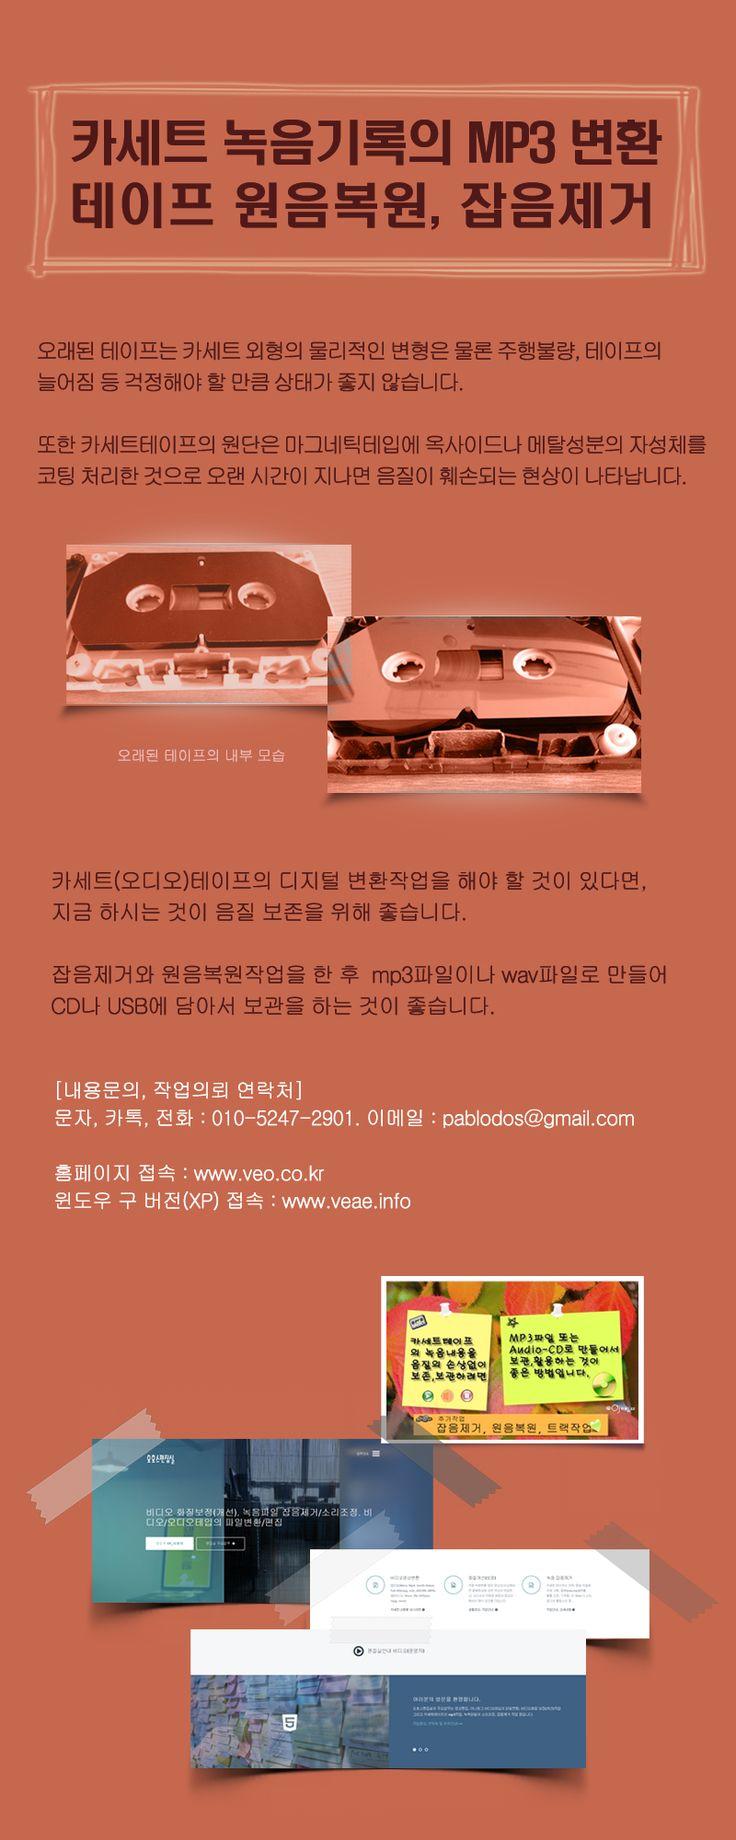 오디오카세트 녹음테이프의 CD,Mp3변환작업. 원음복원,잡음제거.